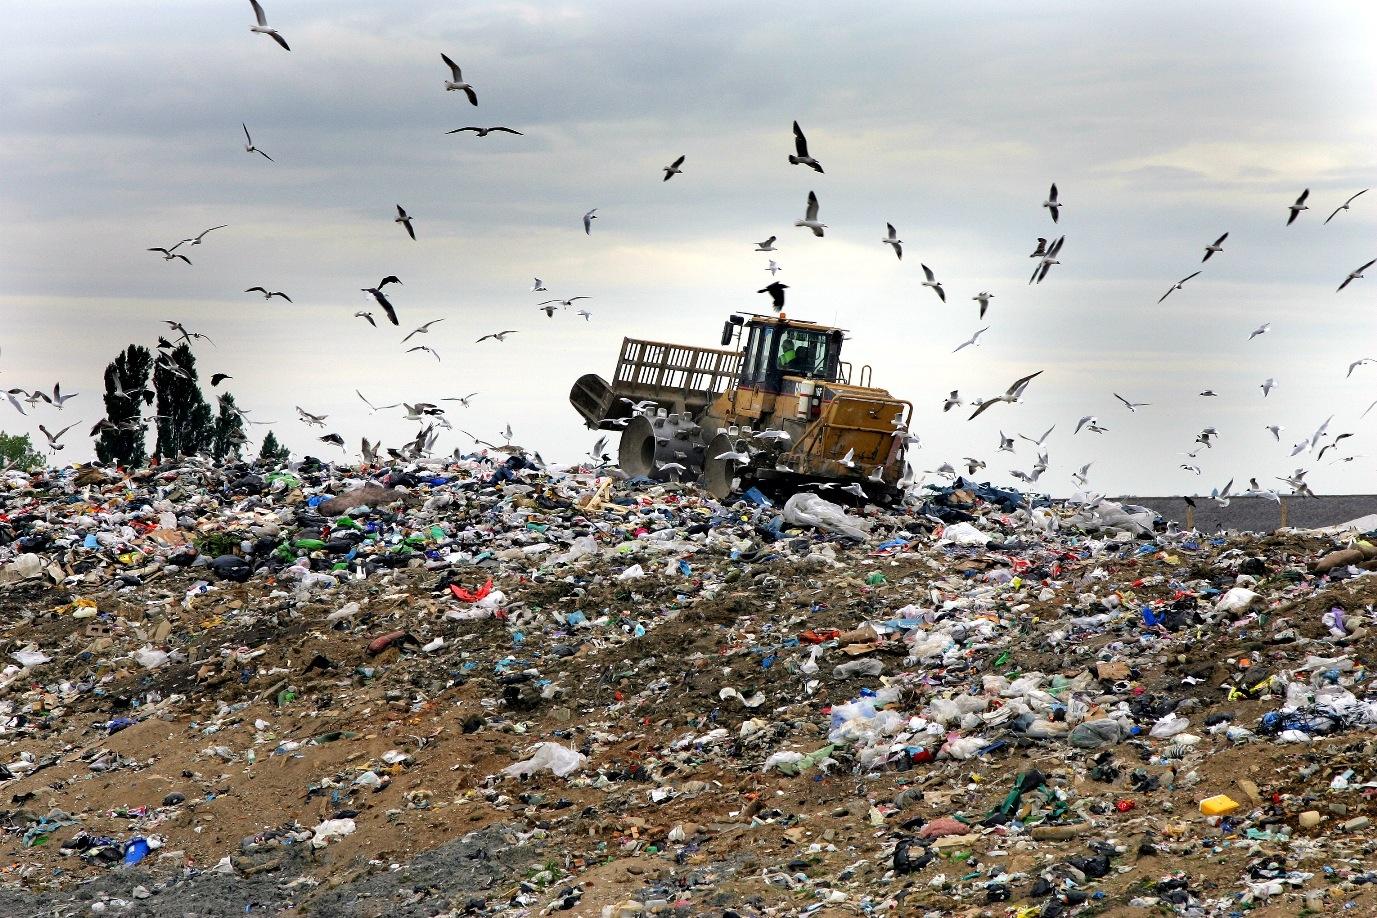 До 11% намерены довести долю переработки и утилизации ТБО в Казахстане, Доля, Переработка, Утилизация, ТБО